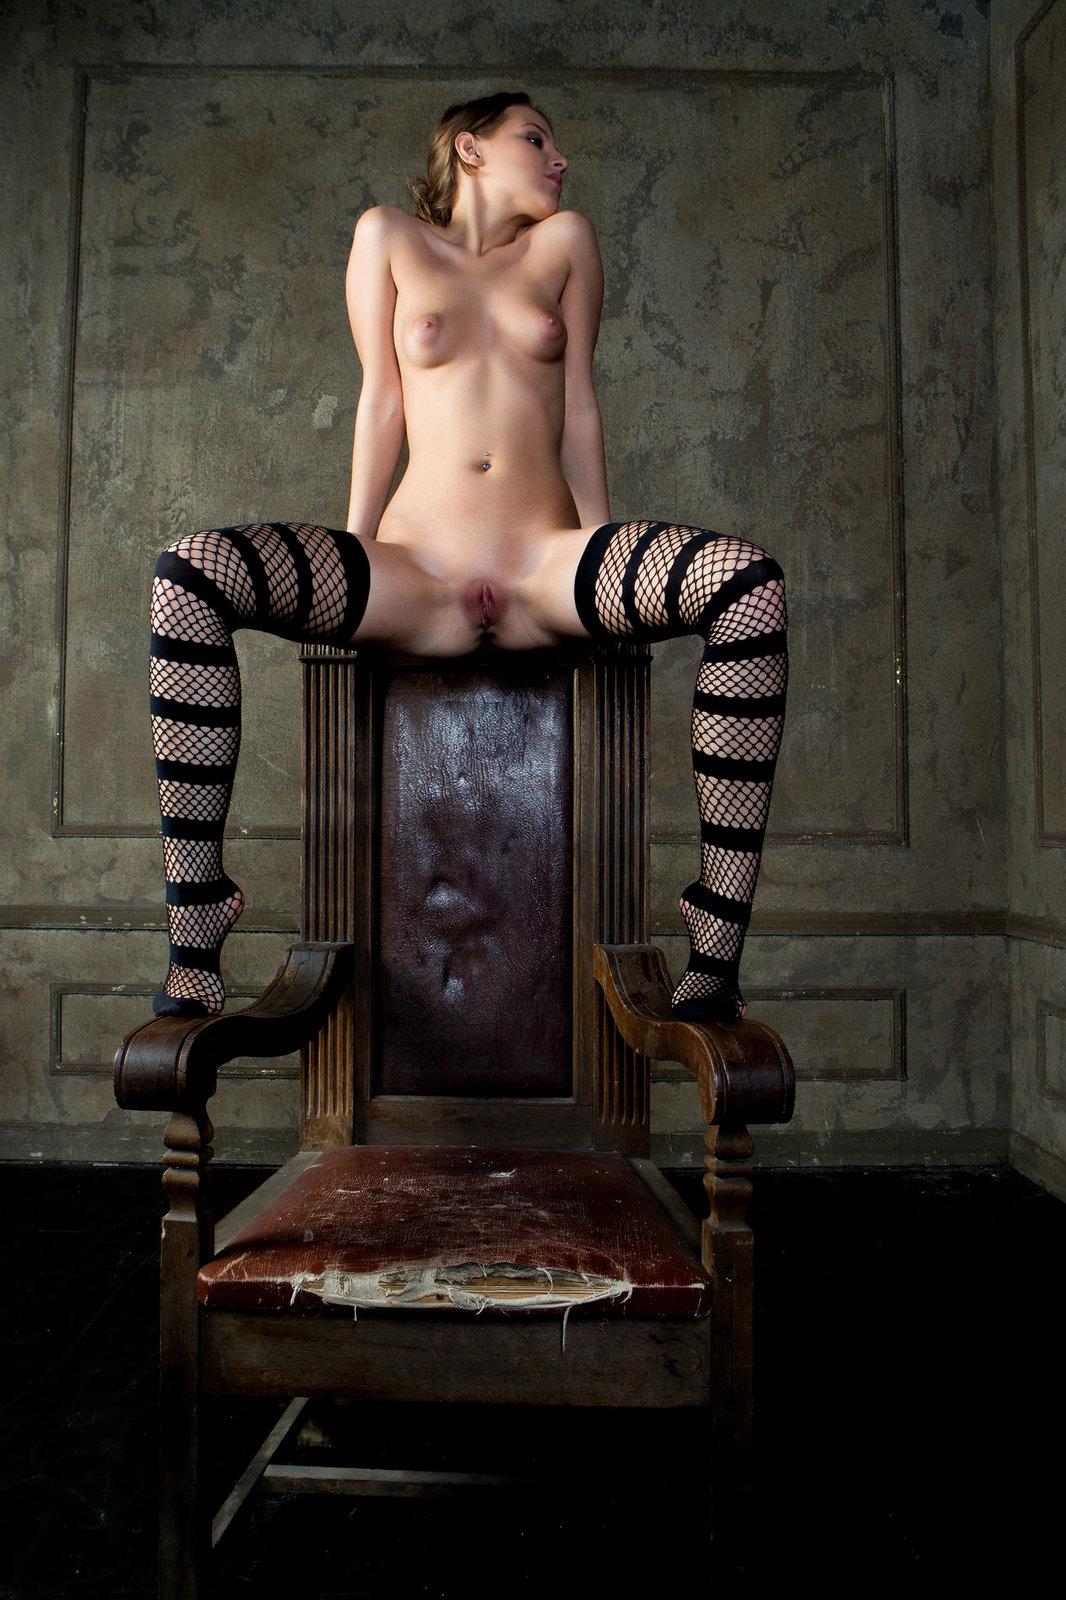 Zdjęcie porno - 081 - Zgrabna modelka z małym biustem